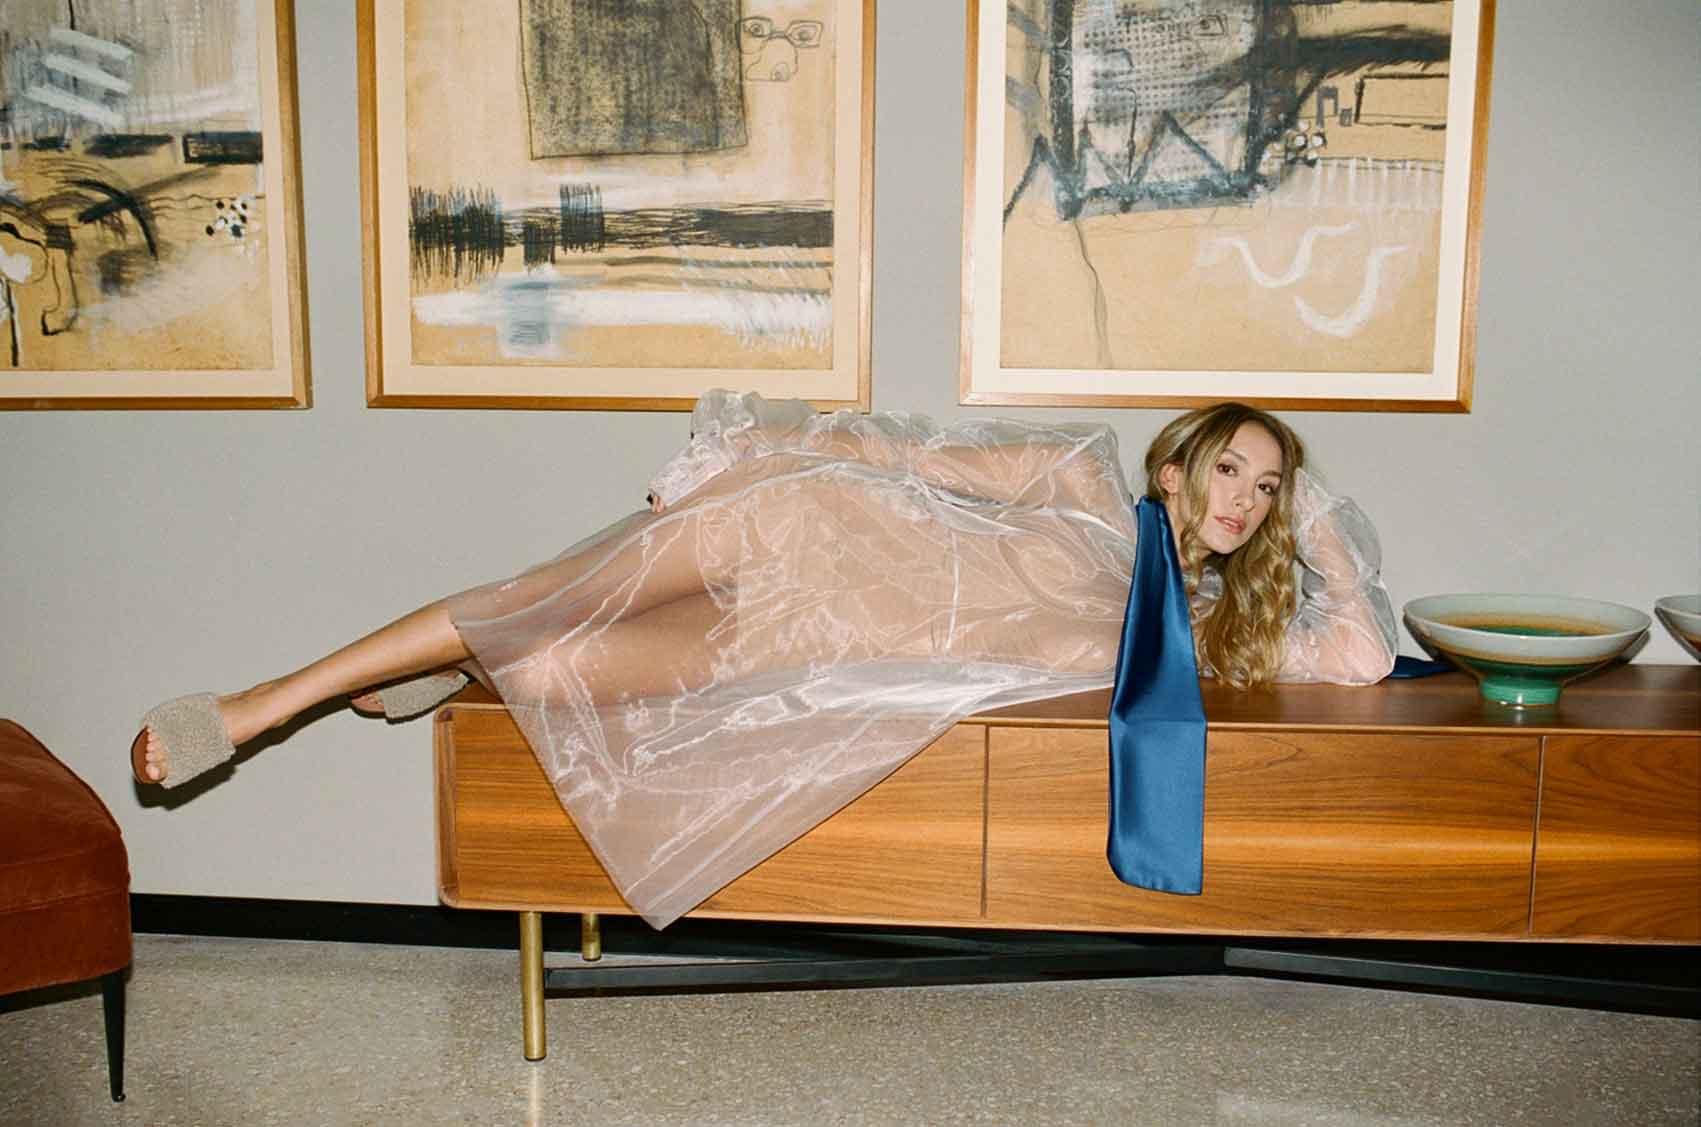 הפקת אופנה- dream story. צלם- מושיקו טישלר, סטייליסטית- נועה שבי, איפור שיער- רעות טוריאל, דוגמנית- ליר עוז (סוכנות יולי)-אופנה